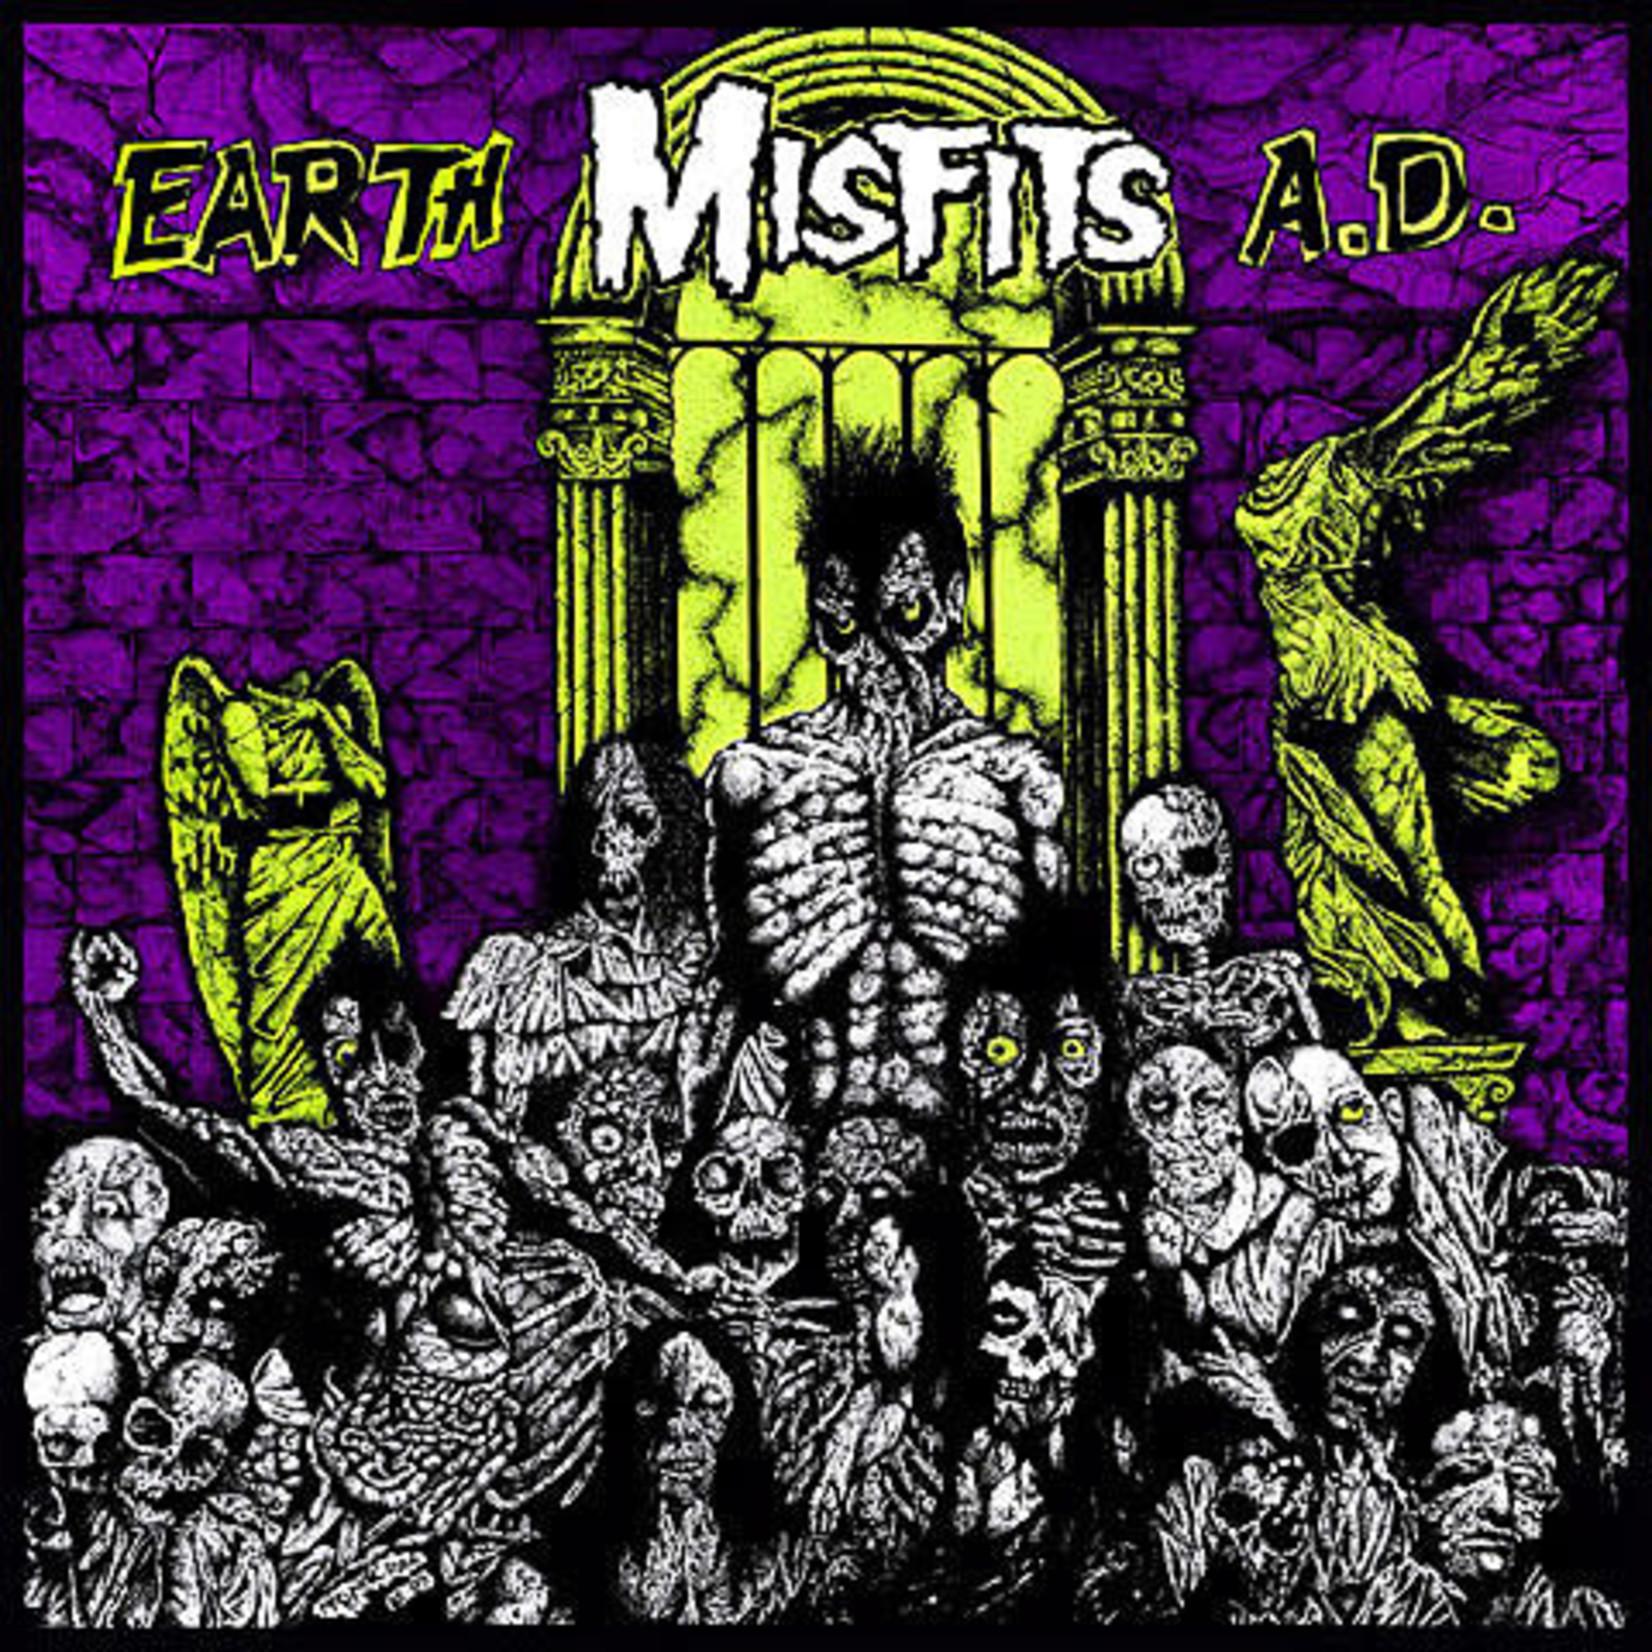 [New] Misfits: Earth A.D